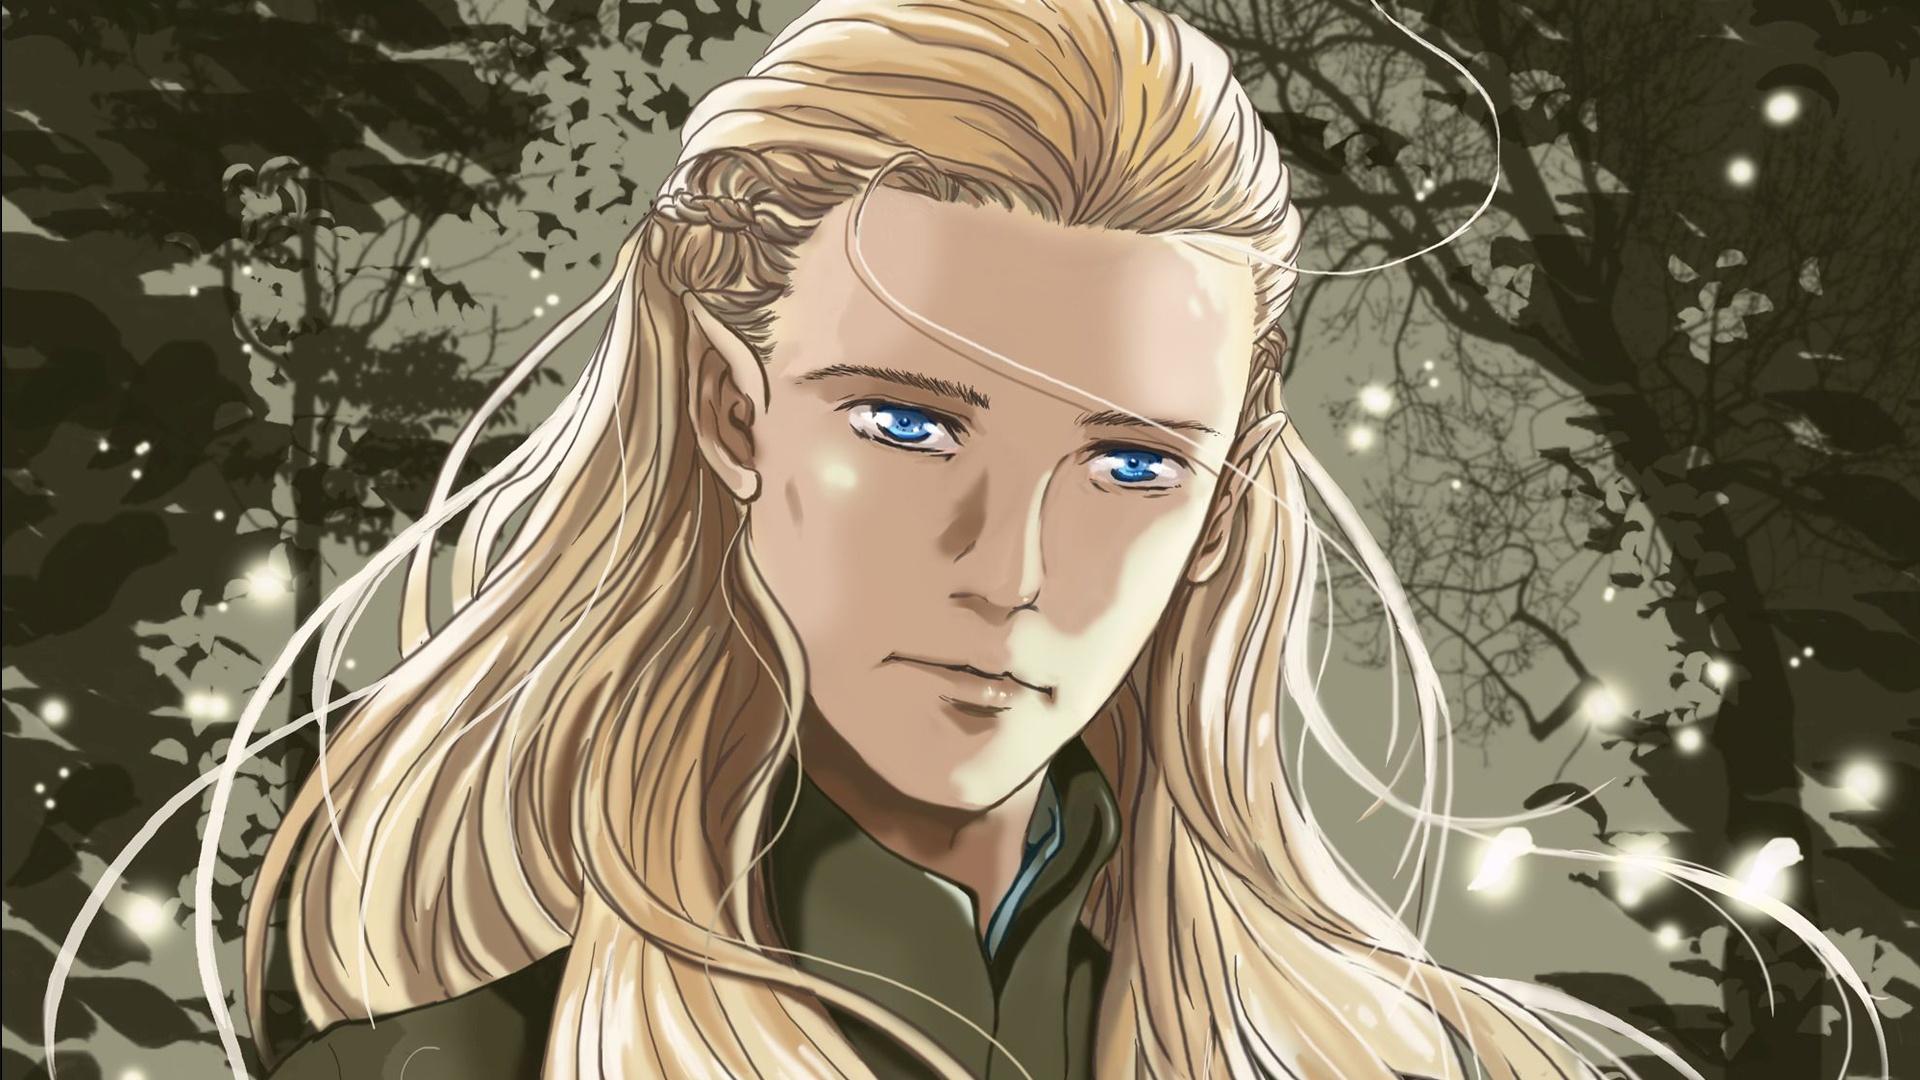 Legolas free picture